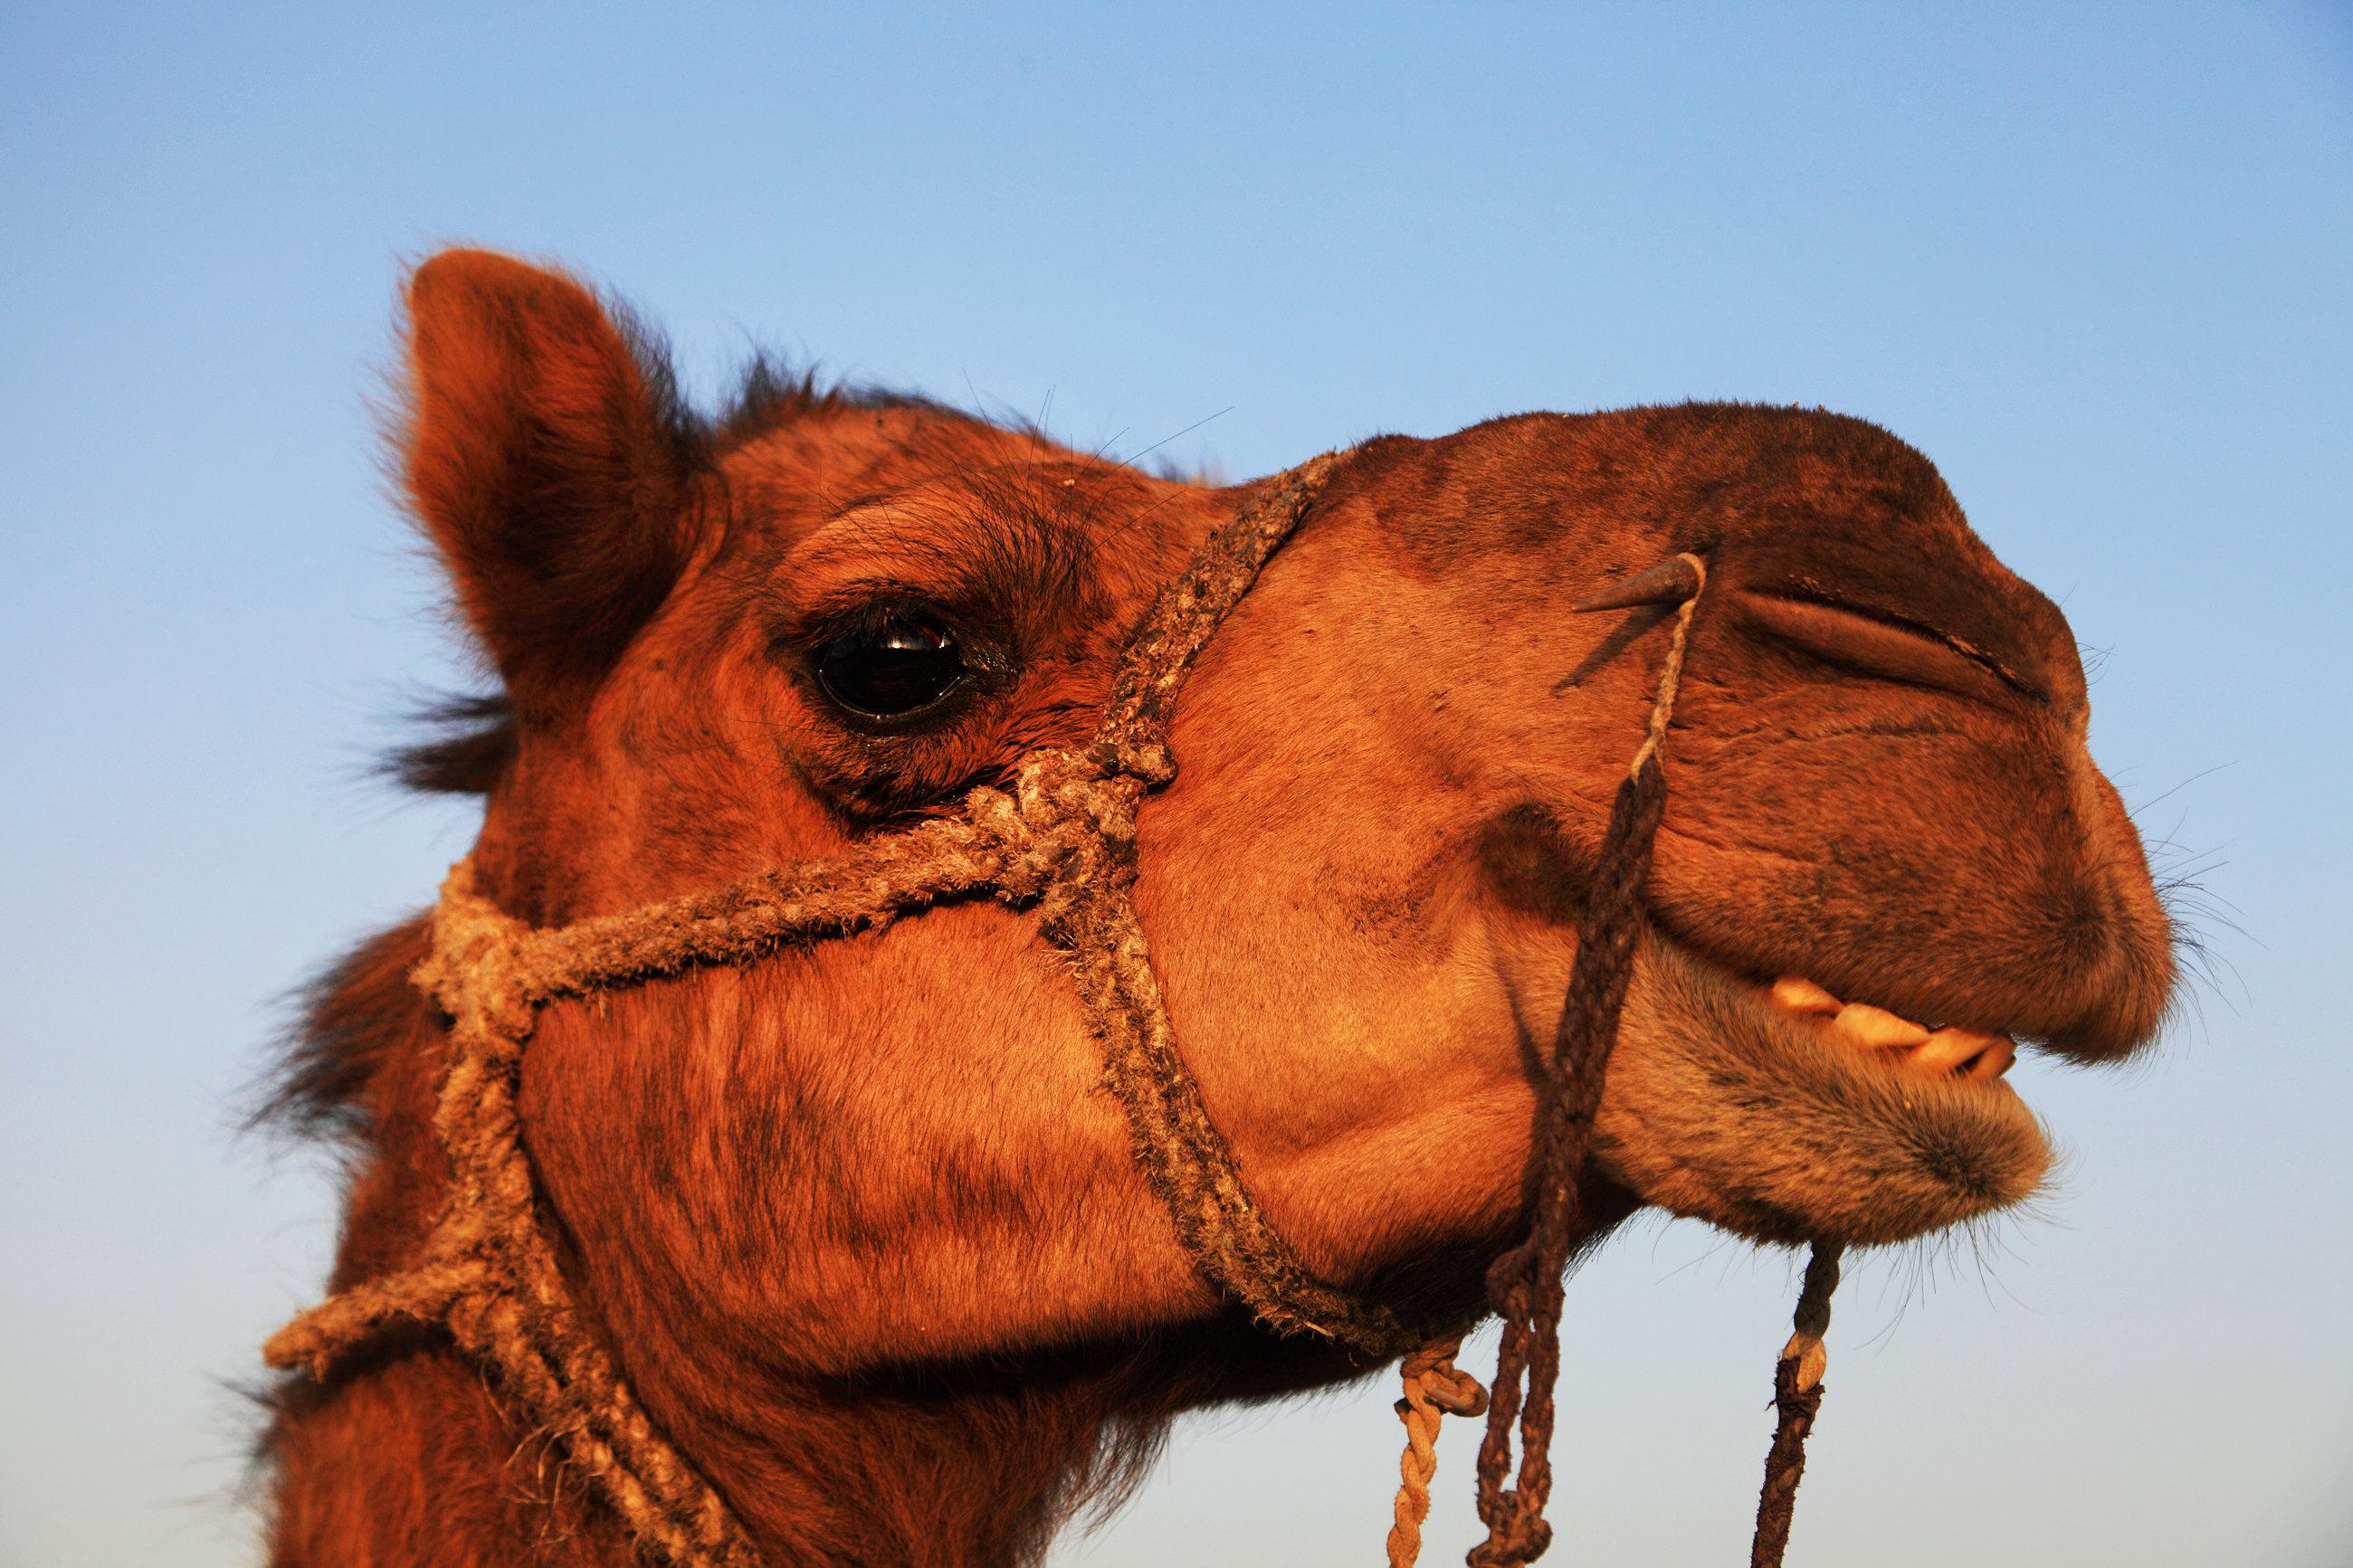 Αποκλείστηκαν καμήλες από διαγωνισμό ομορφιάς στη Σαουδική Αραβία λόγω